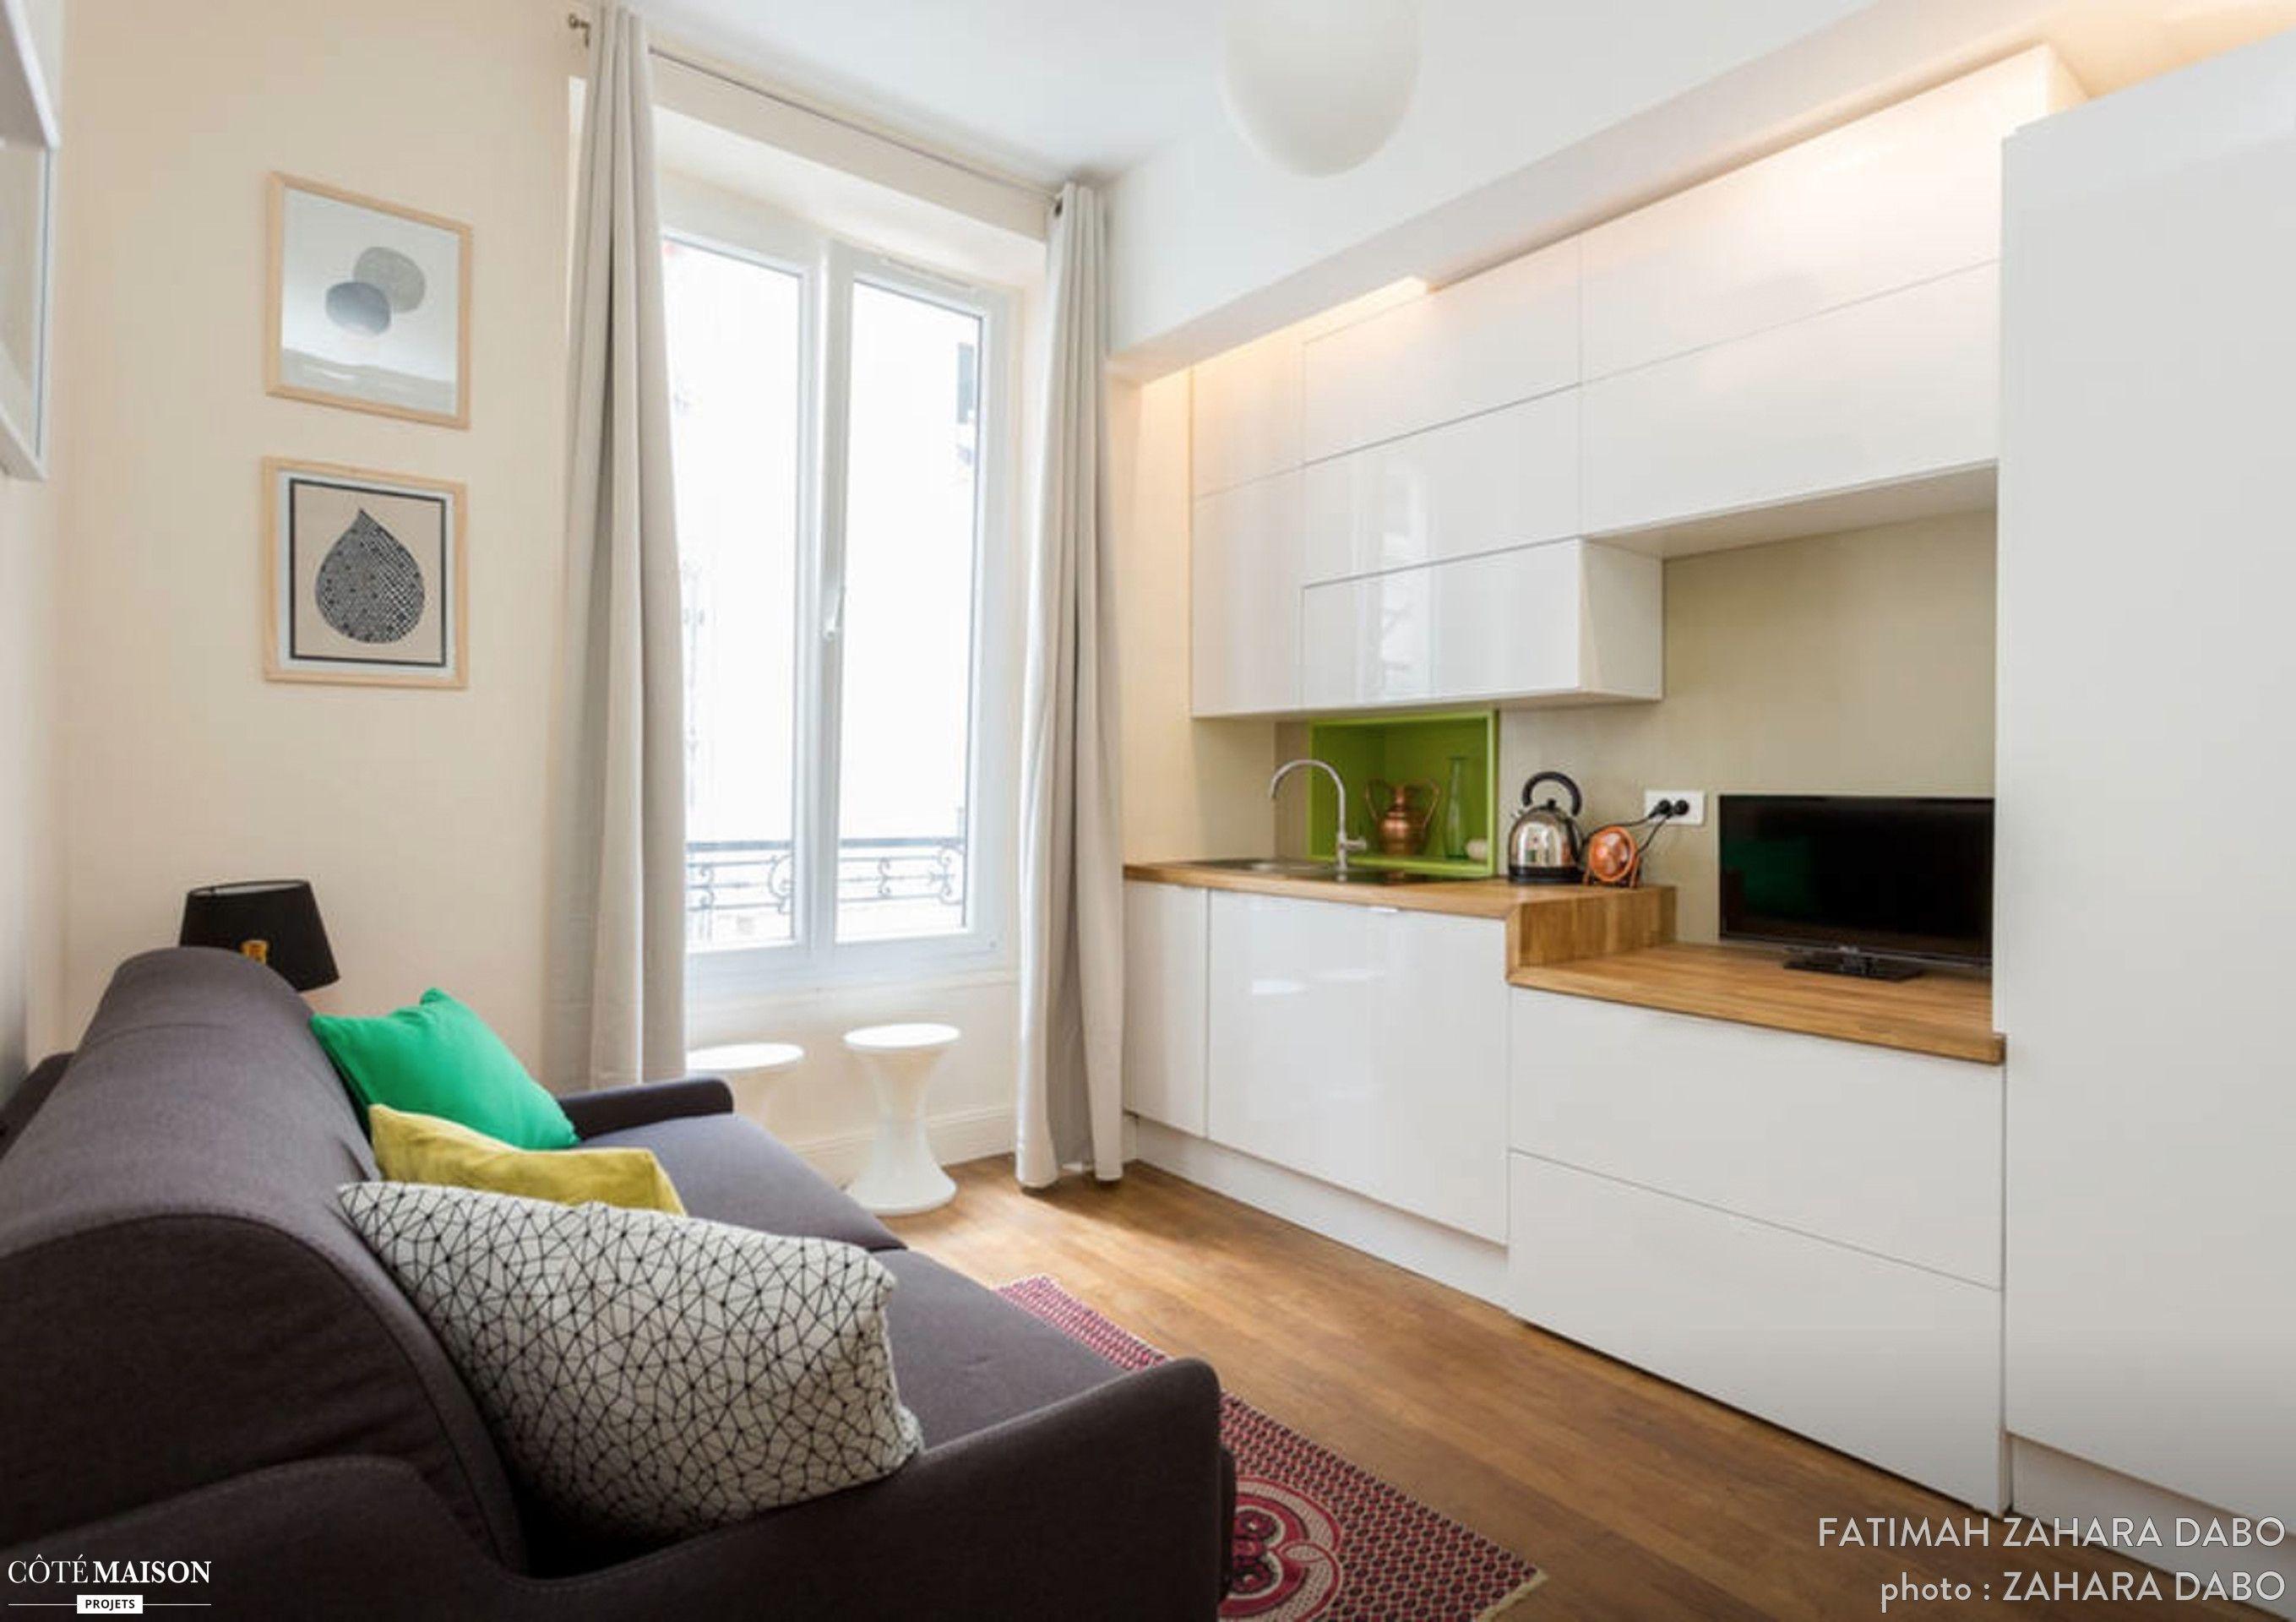 Un pied terre maxi confort paris zahara dabo - Architecte interieur paris petite surface ...